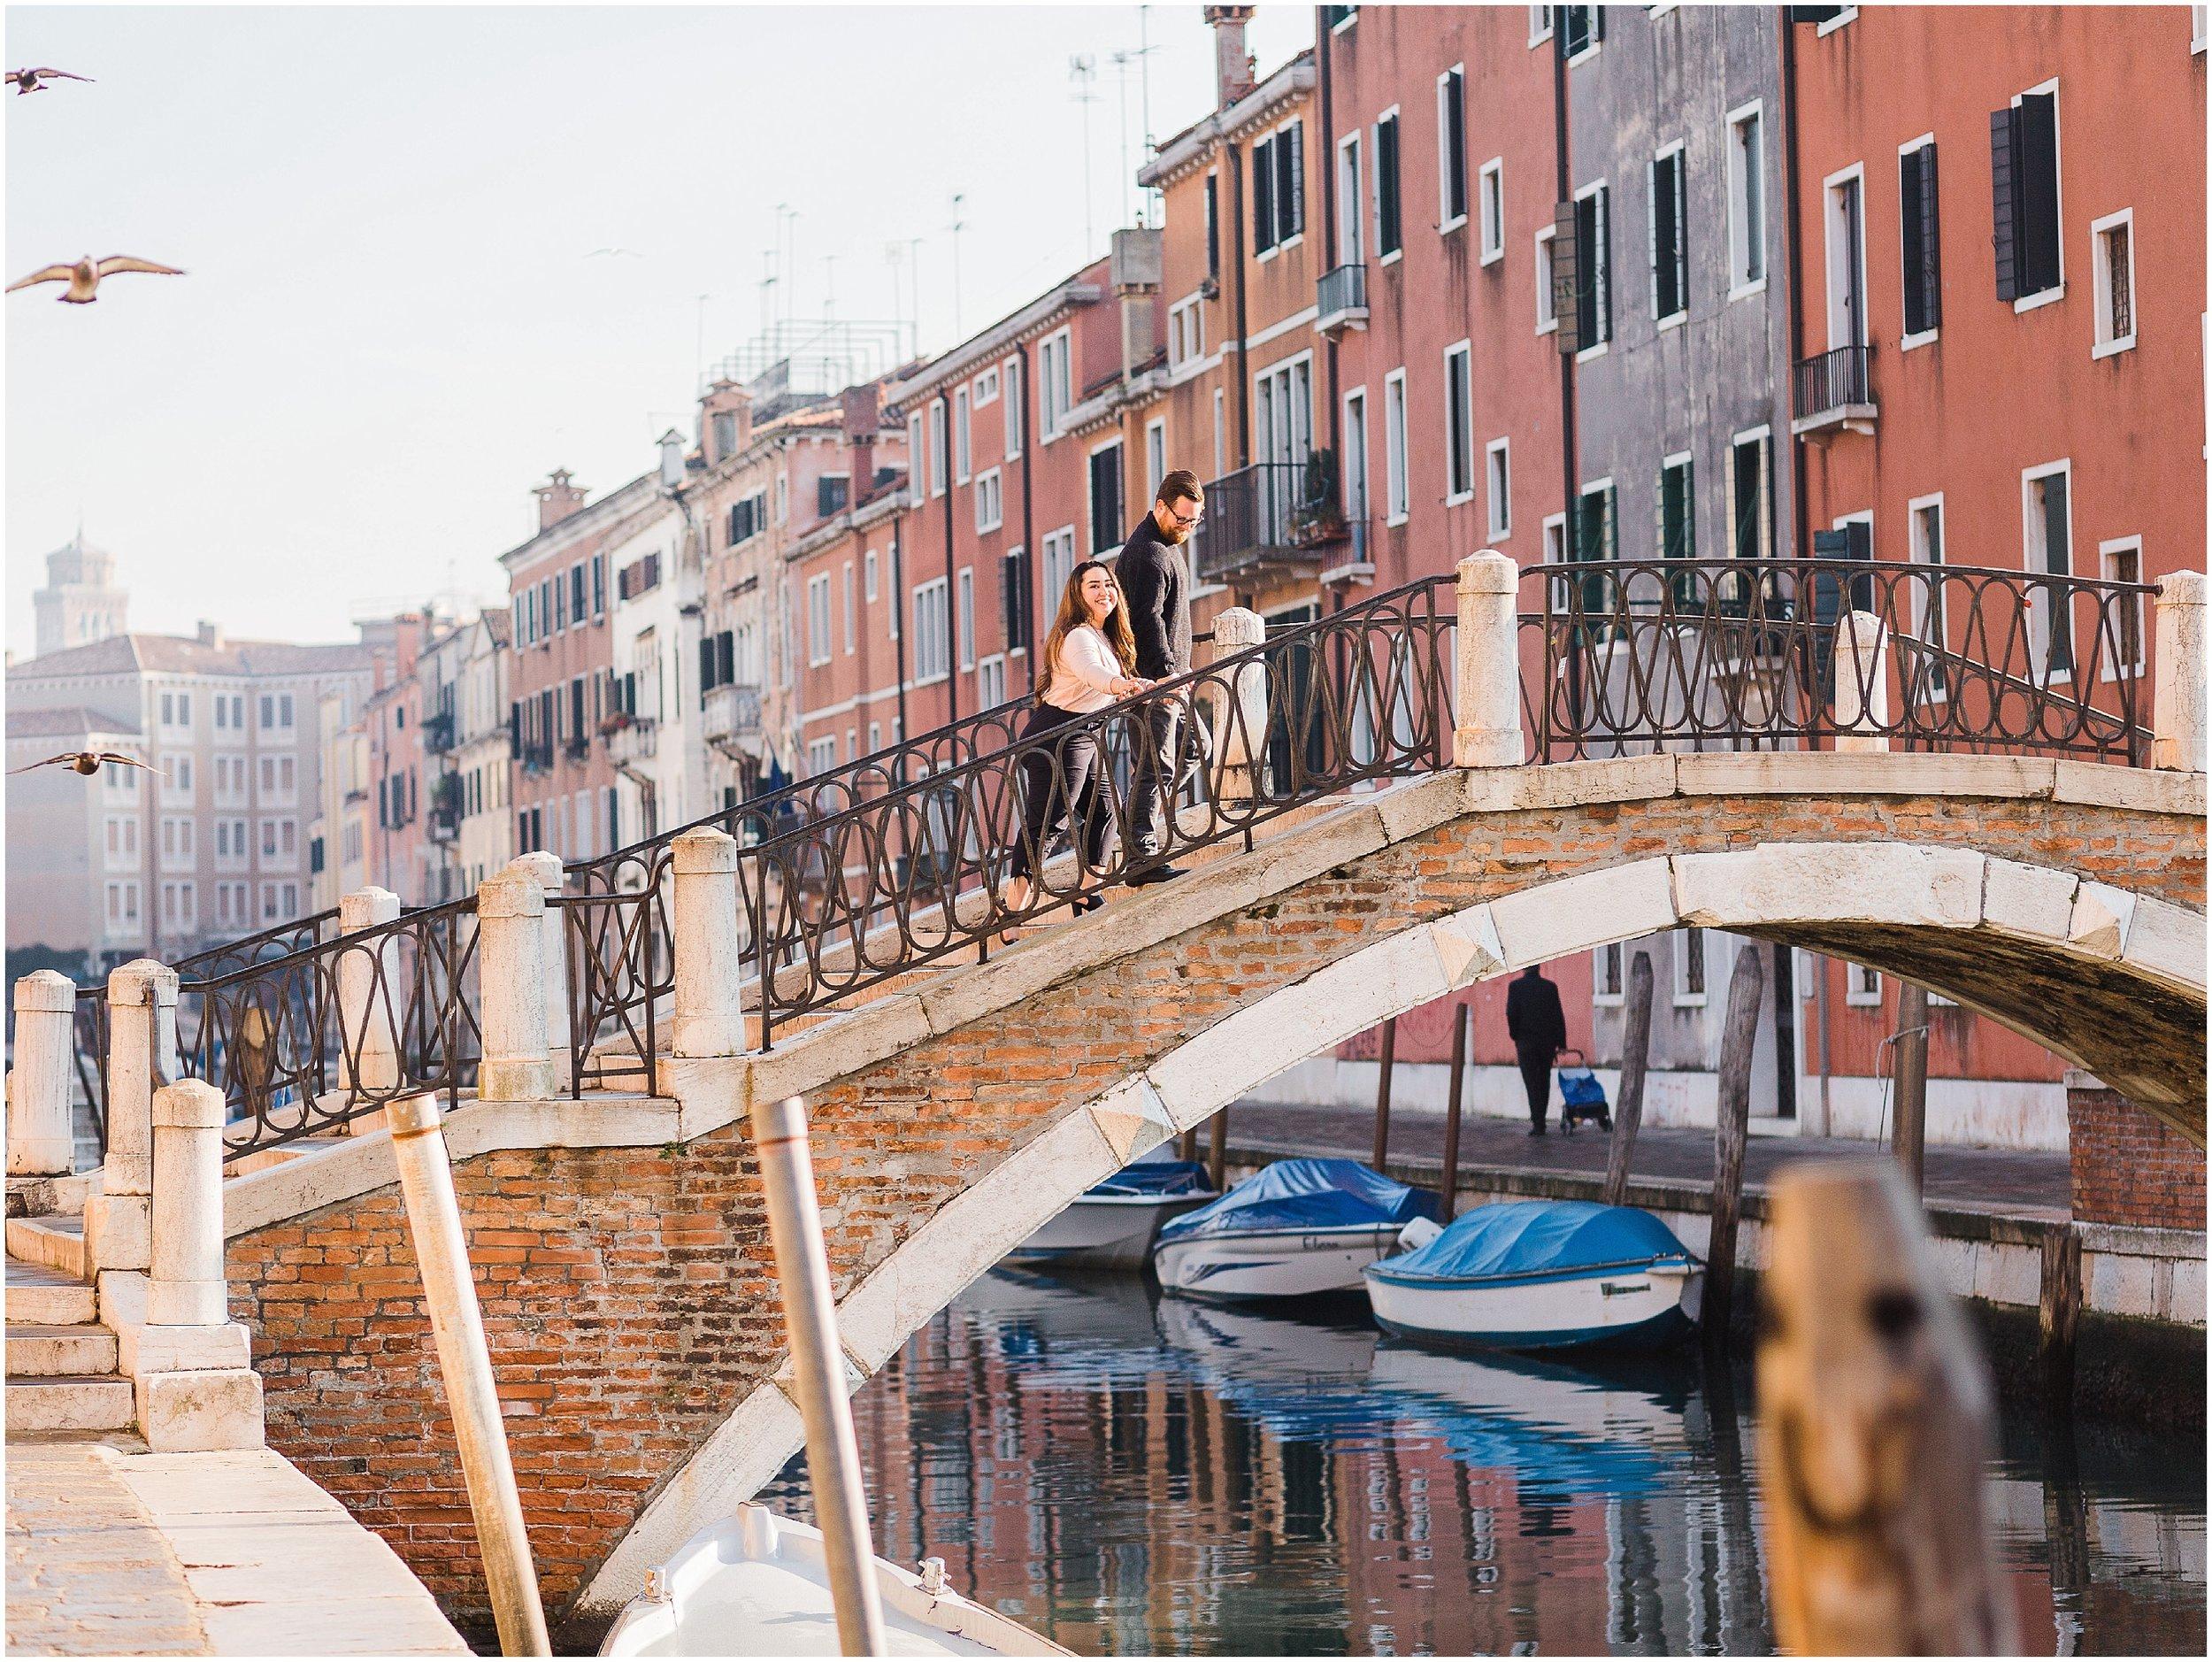 Venice-italy-wedding-photographer-stefano-degirmenci_0043.jpg